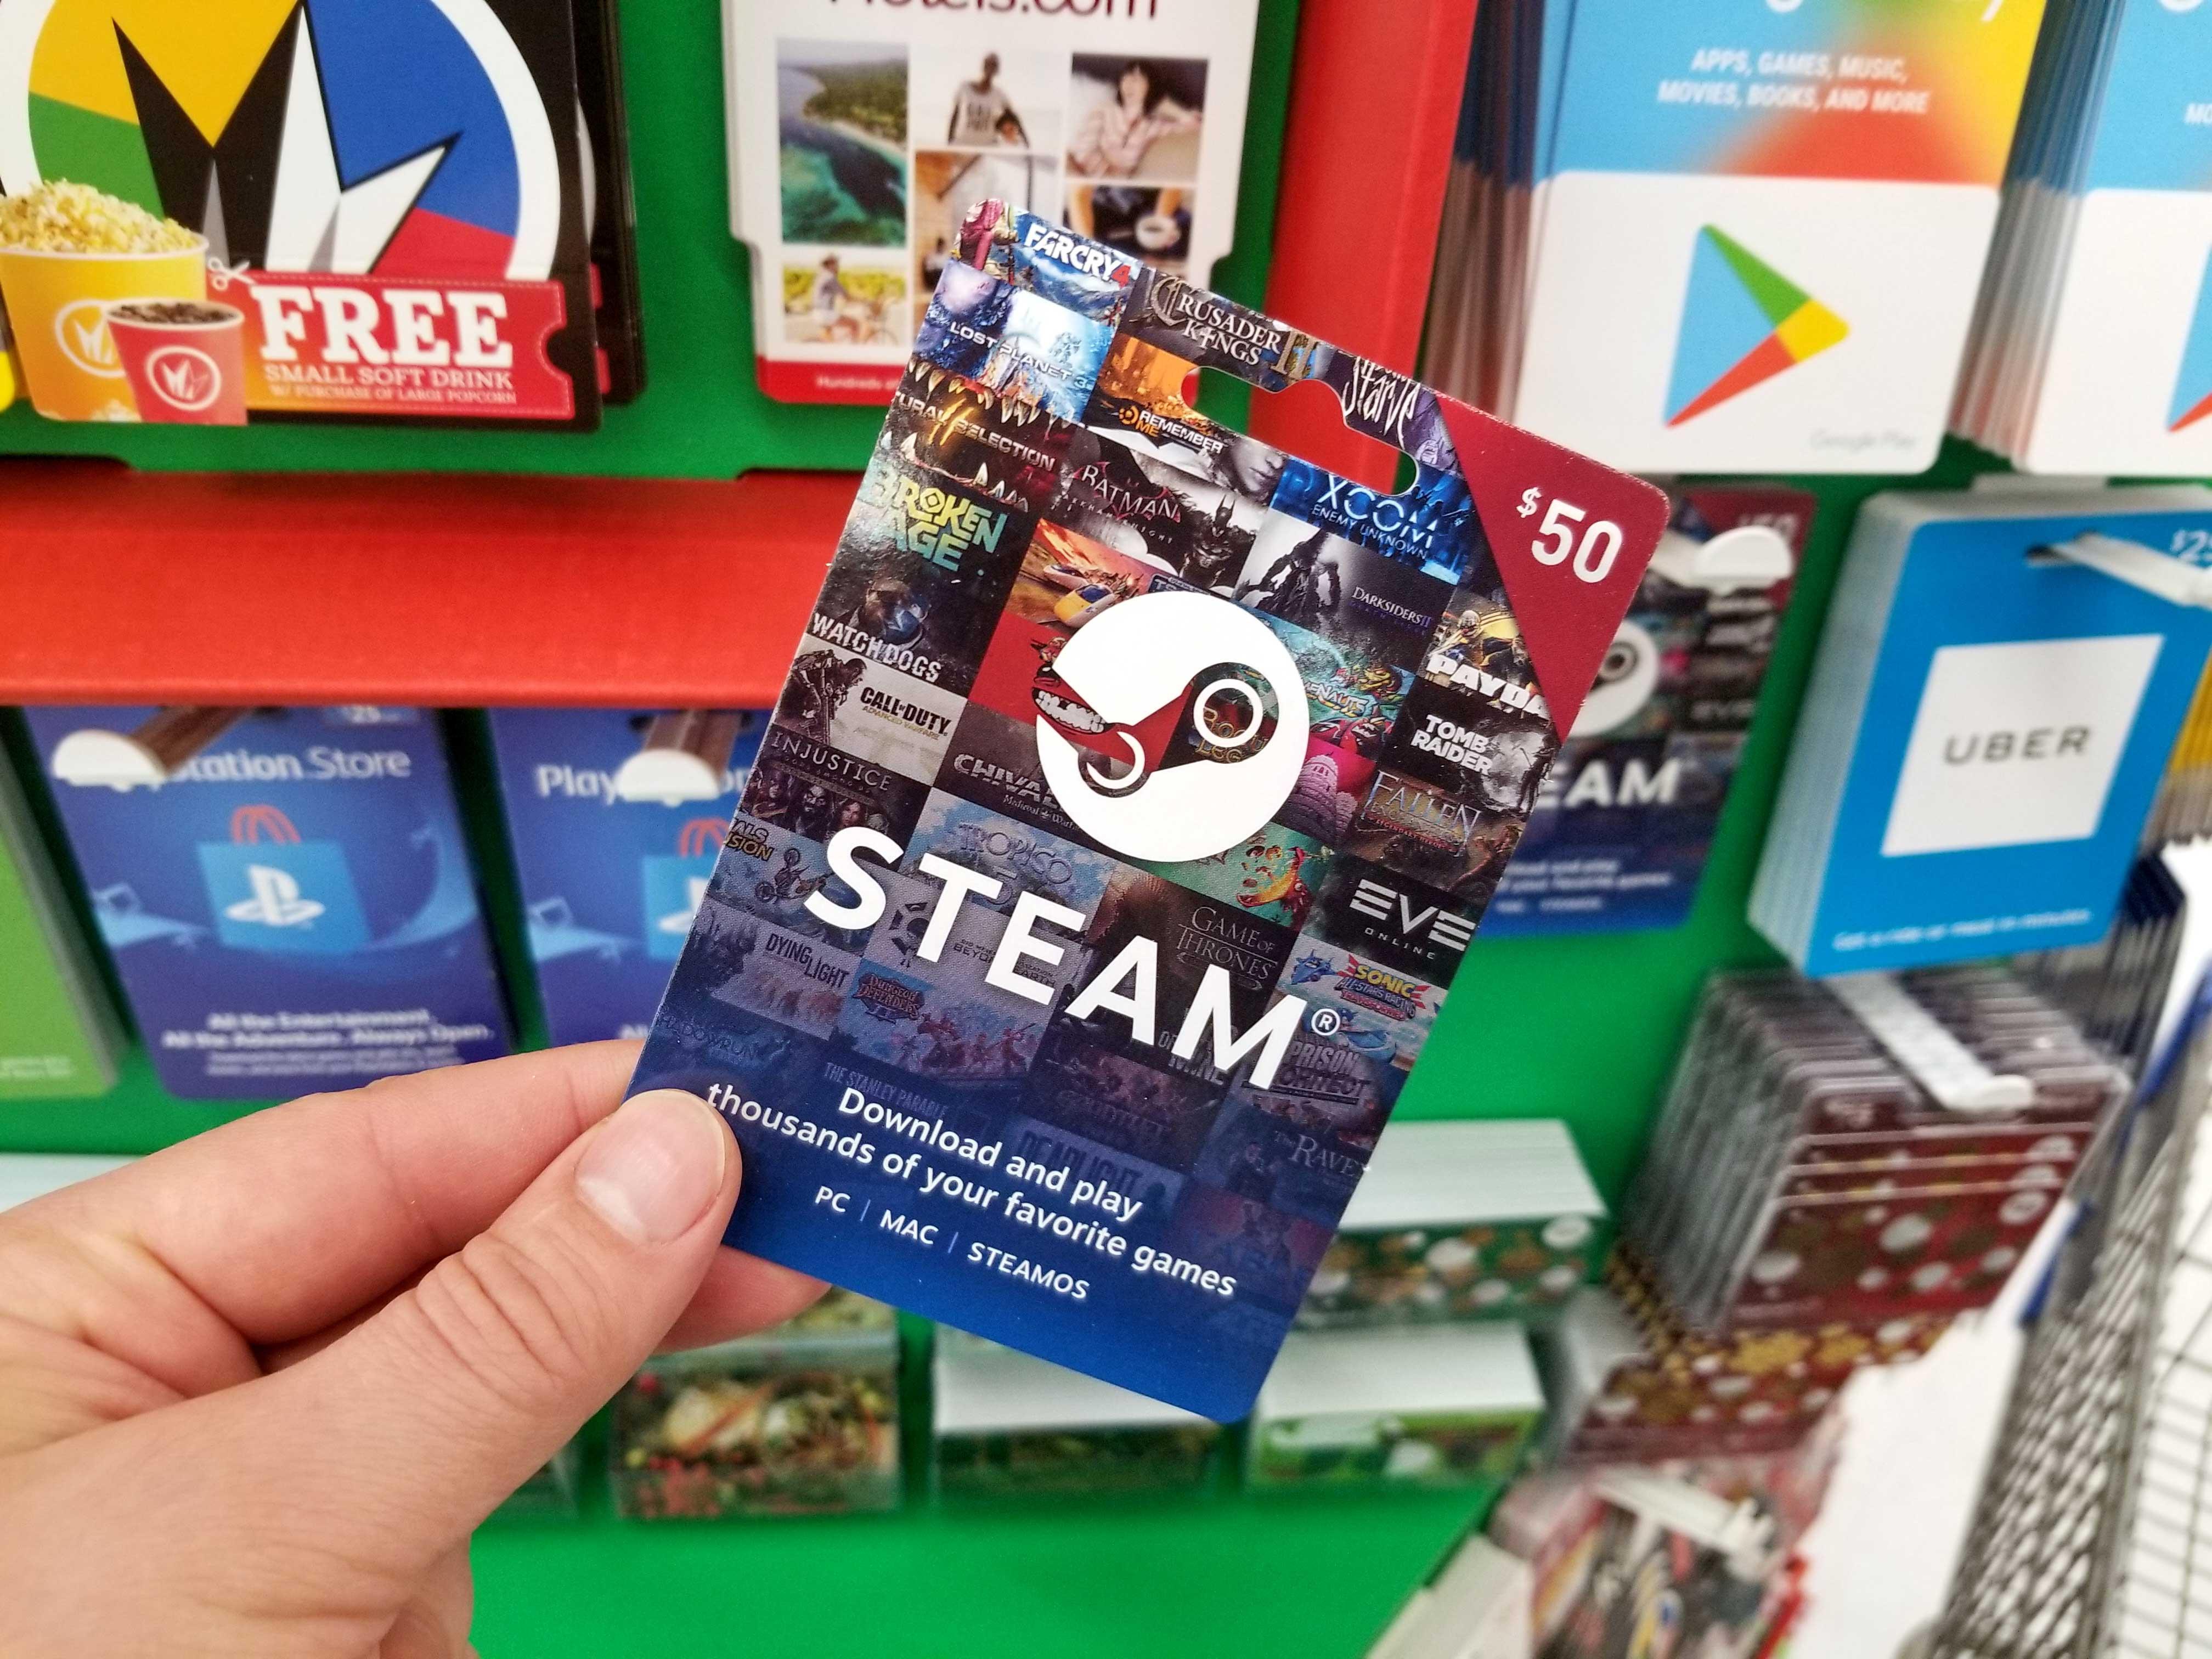 steam-gift-card, Toughest Level, toughestlevel.com